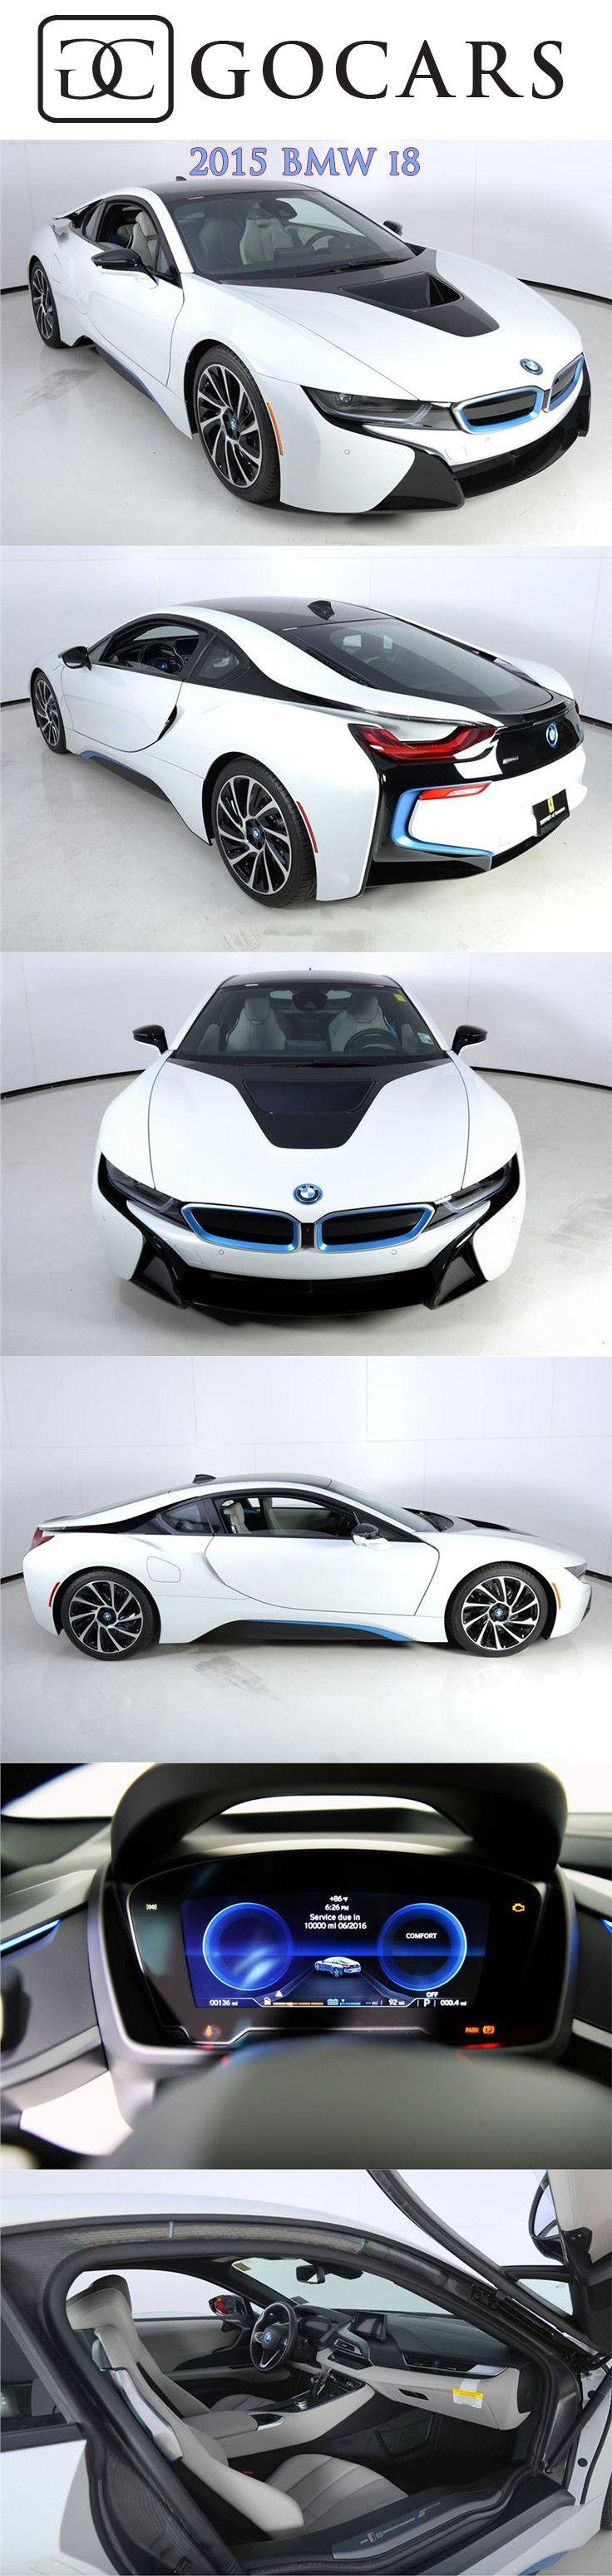 2015 BMW i8 for sale on GoCars #bmw #bmwi8 #bmwphotos #sportscars #sportscar #supercars #supercar #luxurycars #gocars